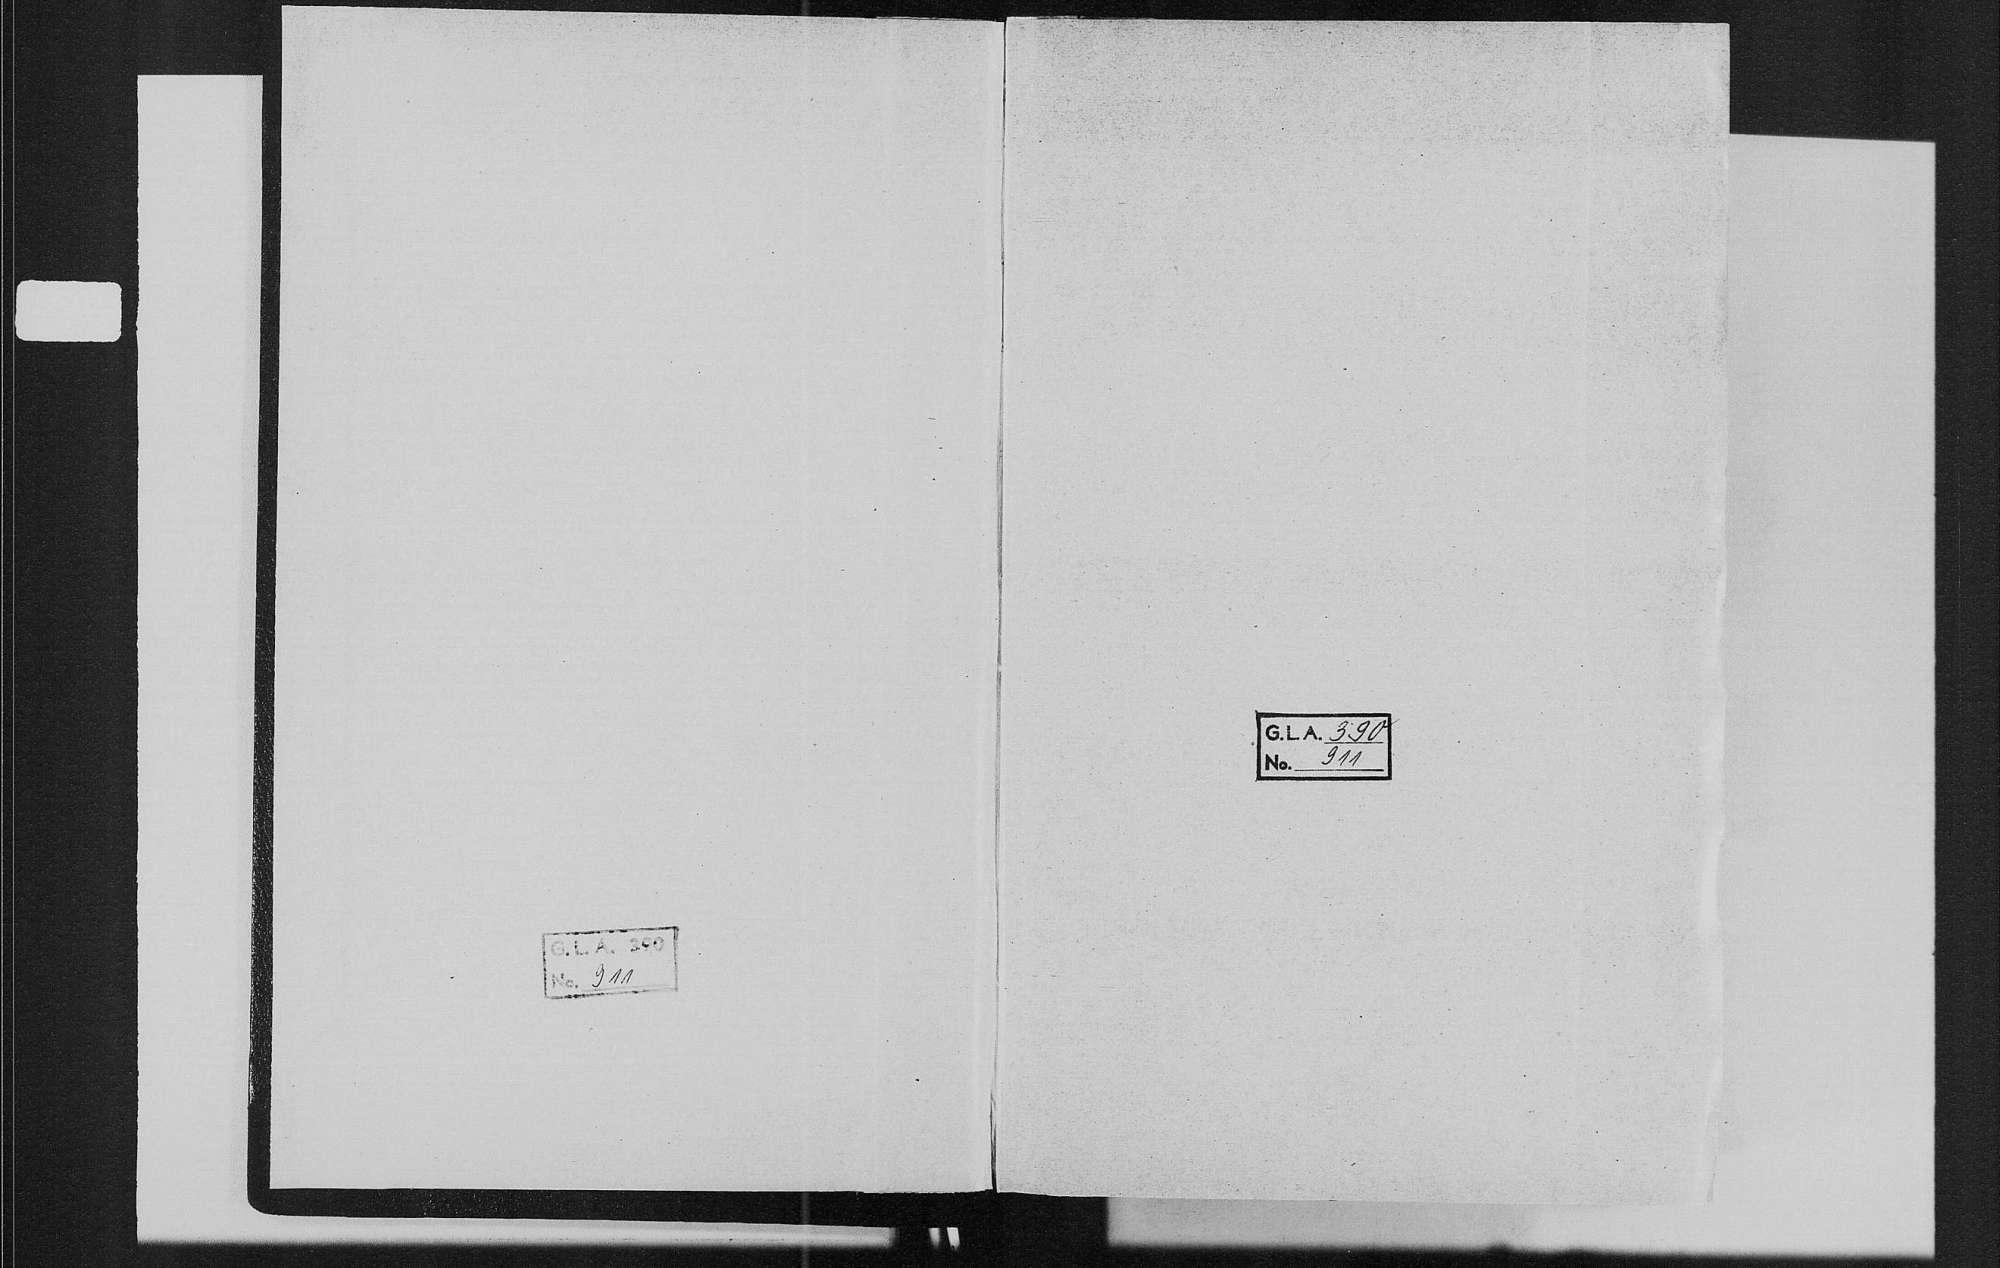 Schwarzach, evangelische, katholische und israelitische Gemeinde: Sterbebuch 1810-1870, Bild 2